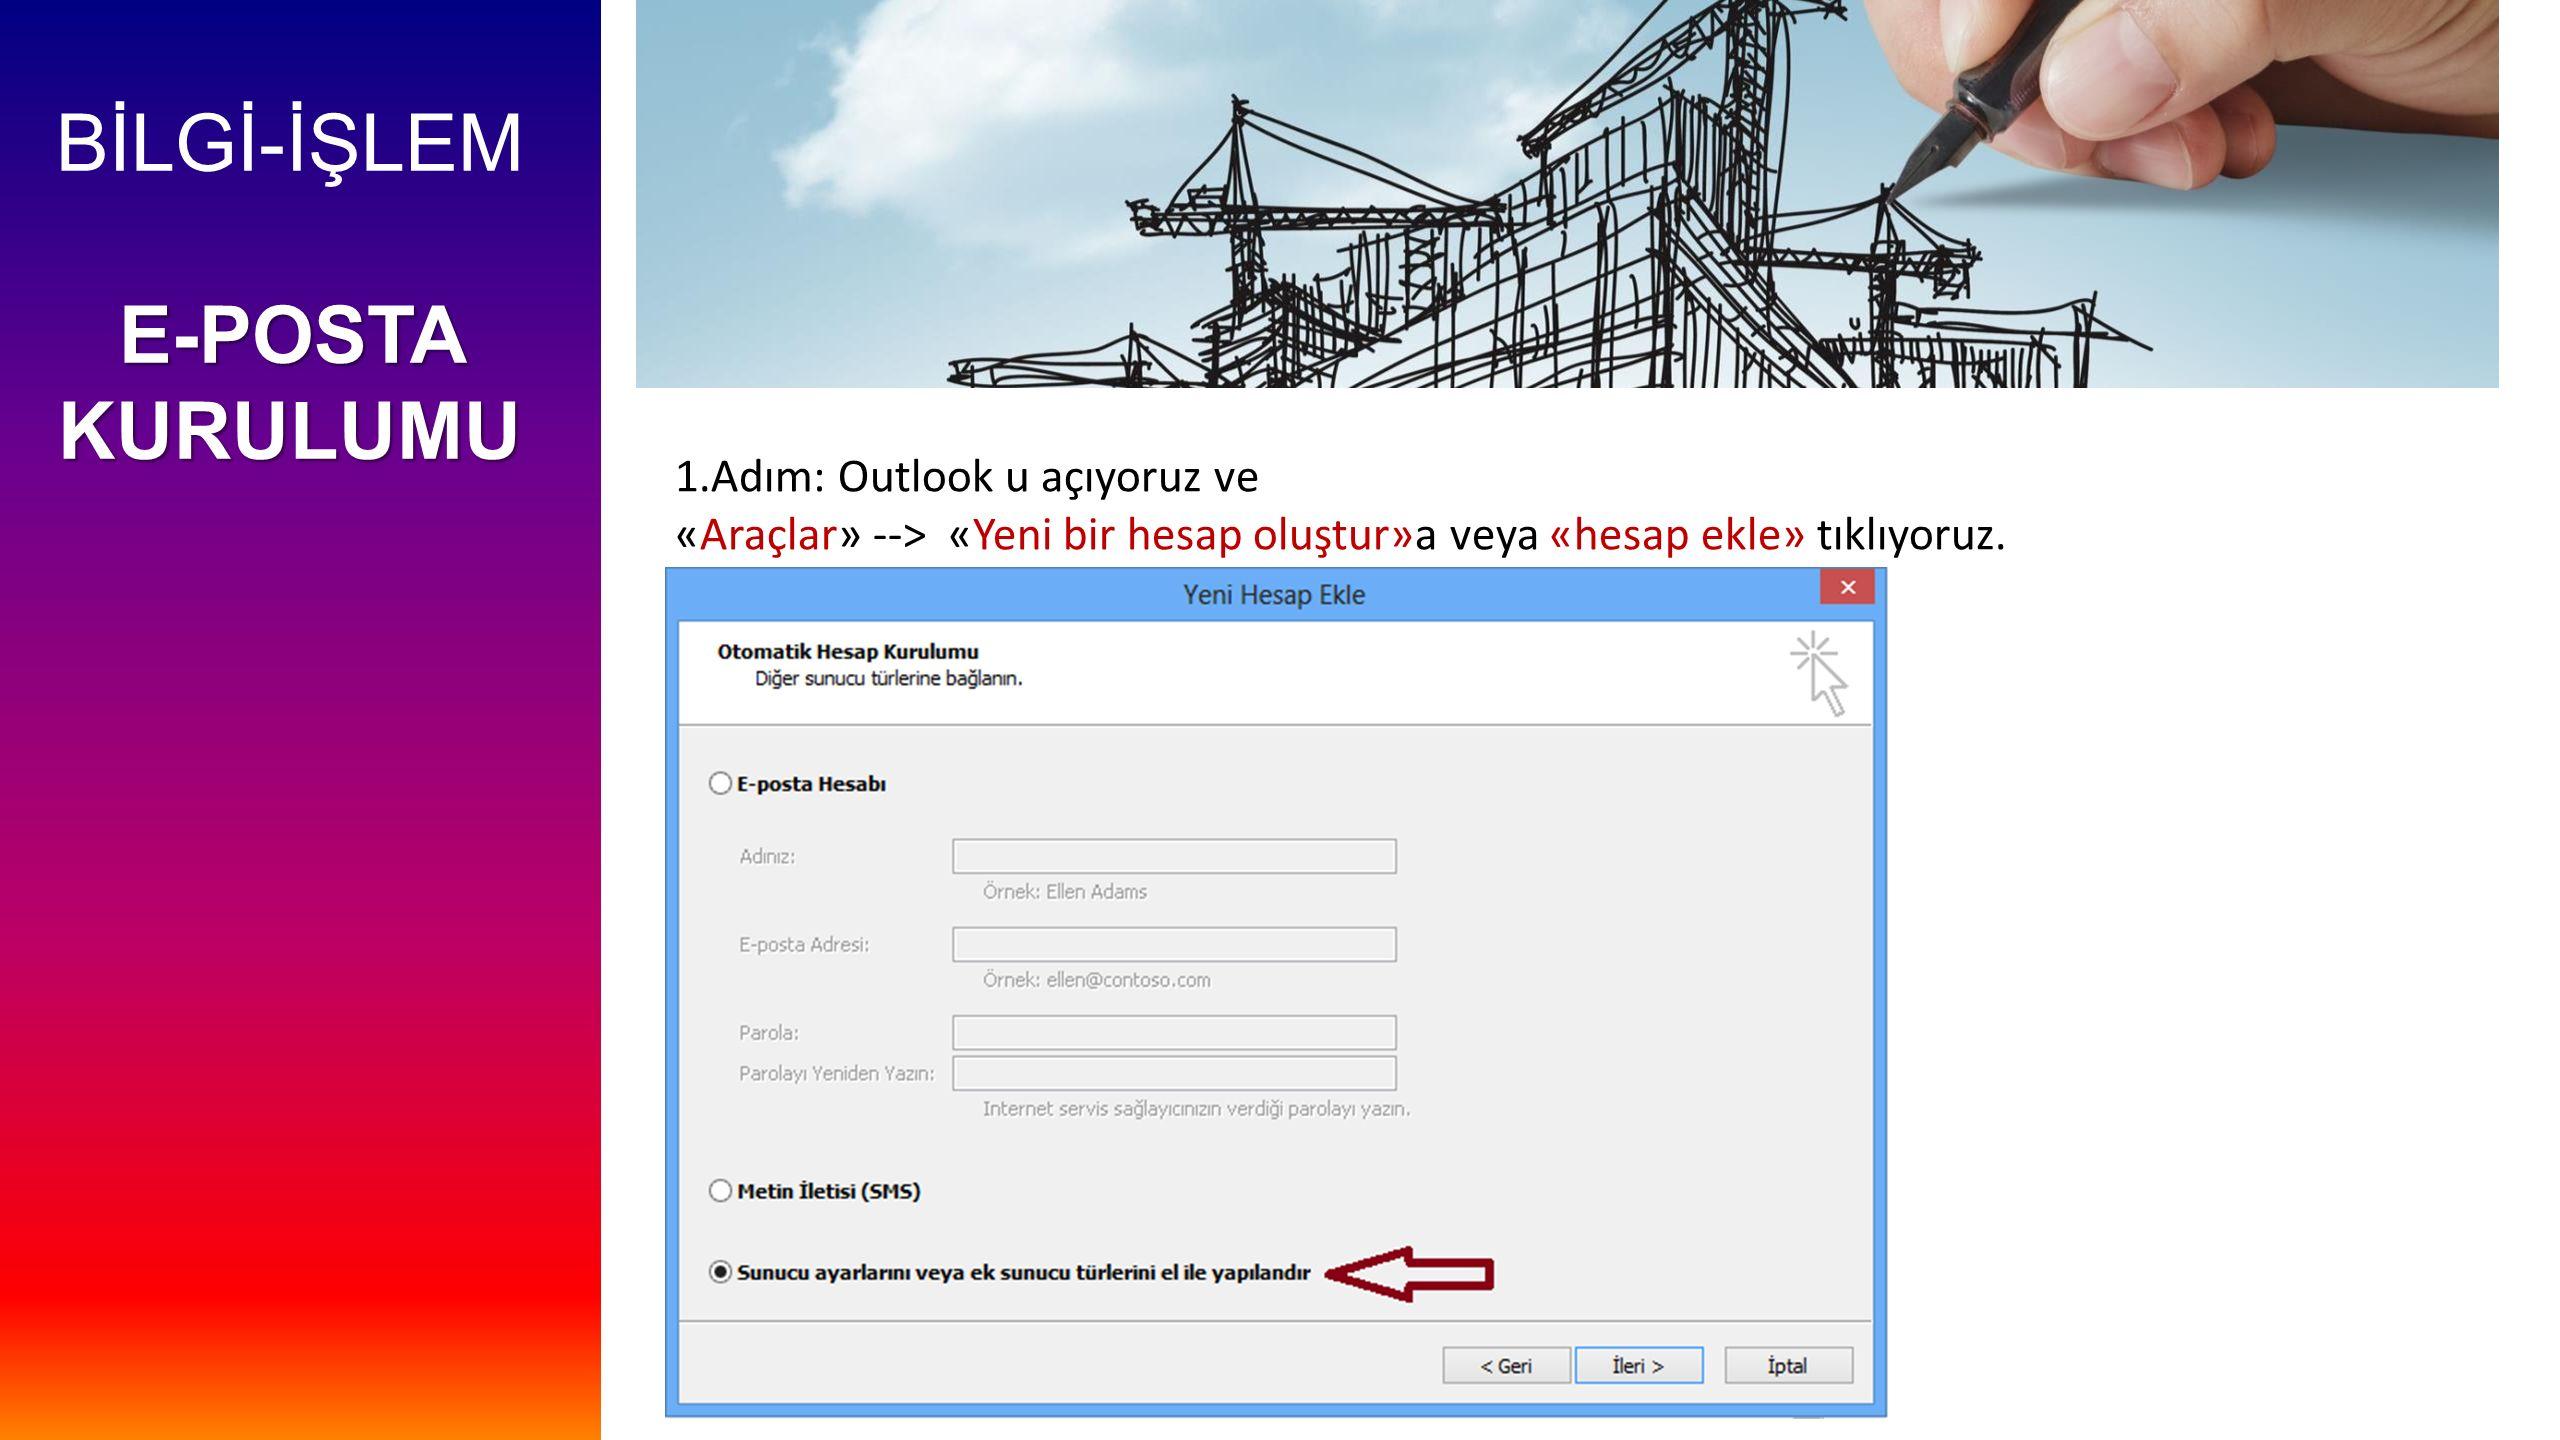 BİLGİ-İŞLEM E-POSTA KURULUMU 1.Adım: Outlook u açıyoruz ve «Araçlar» --> «Yeni bir hesap oluştur»a veya «hesap ekle» tıklıyoruz.